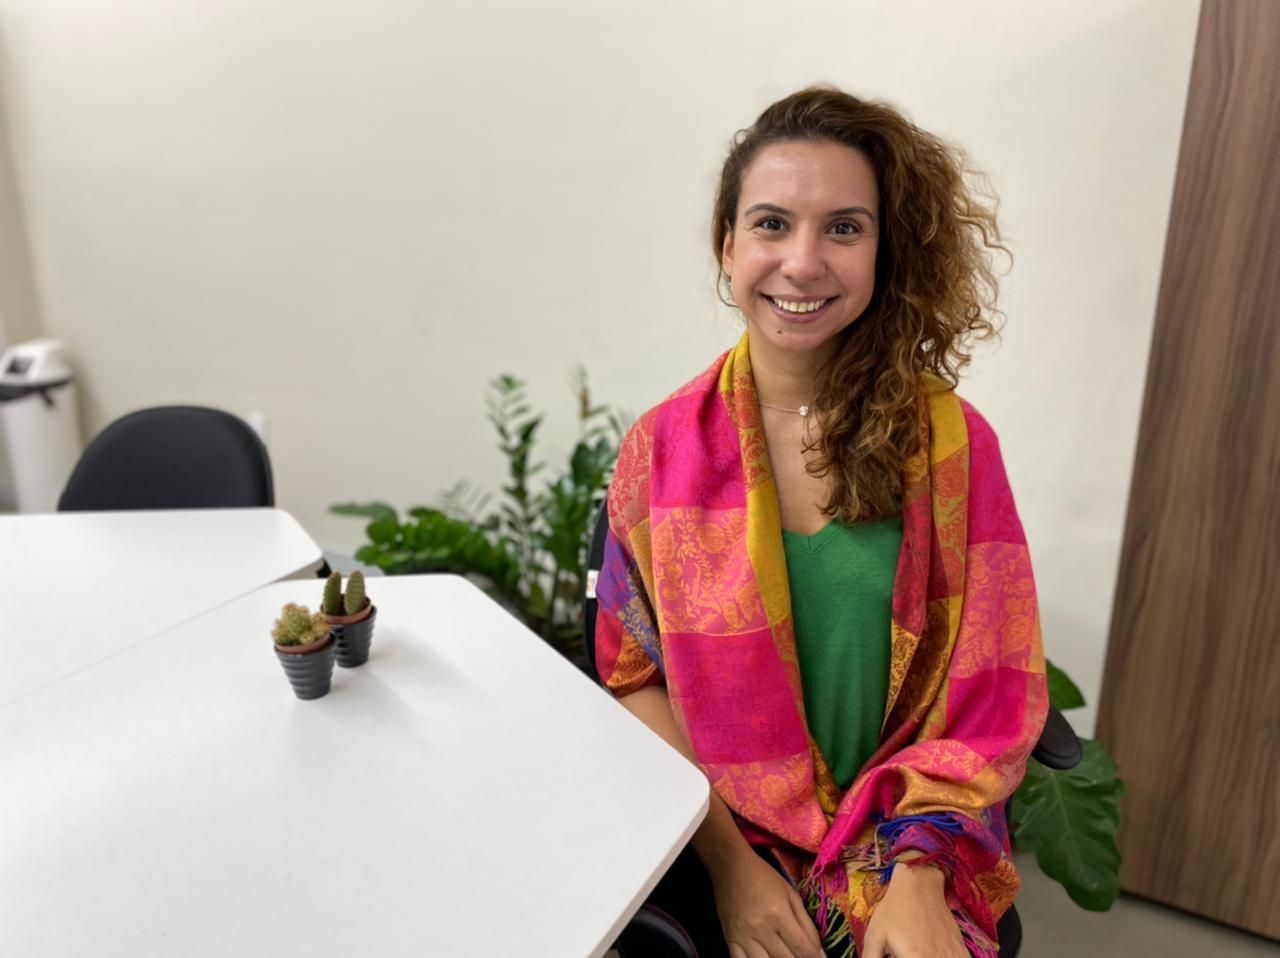 Diretora de Atenção à Saúde da FeSaúde, Stefânia Soares, destaca sucesso da estratégia Drive-Thru contra a Covid-19 em Niterói